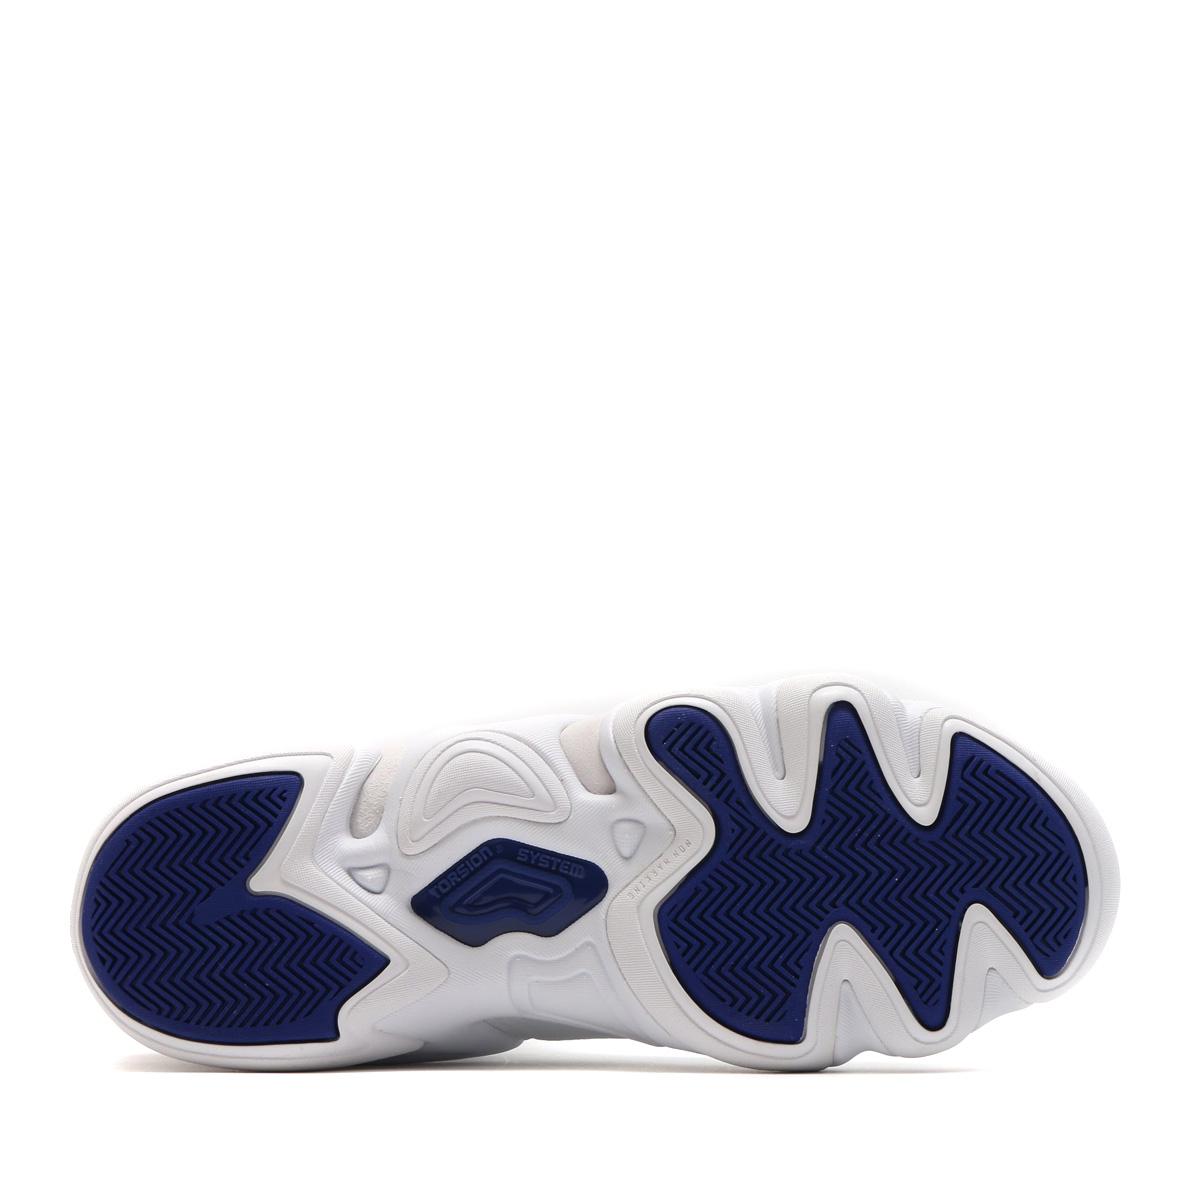 best website a654a 09776 adidas Originals CRAZY 8 ADV (ASW) (Adidas originals crazy 8 ADV) (running  white  running white  rial purple S18) 18SP-I